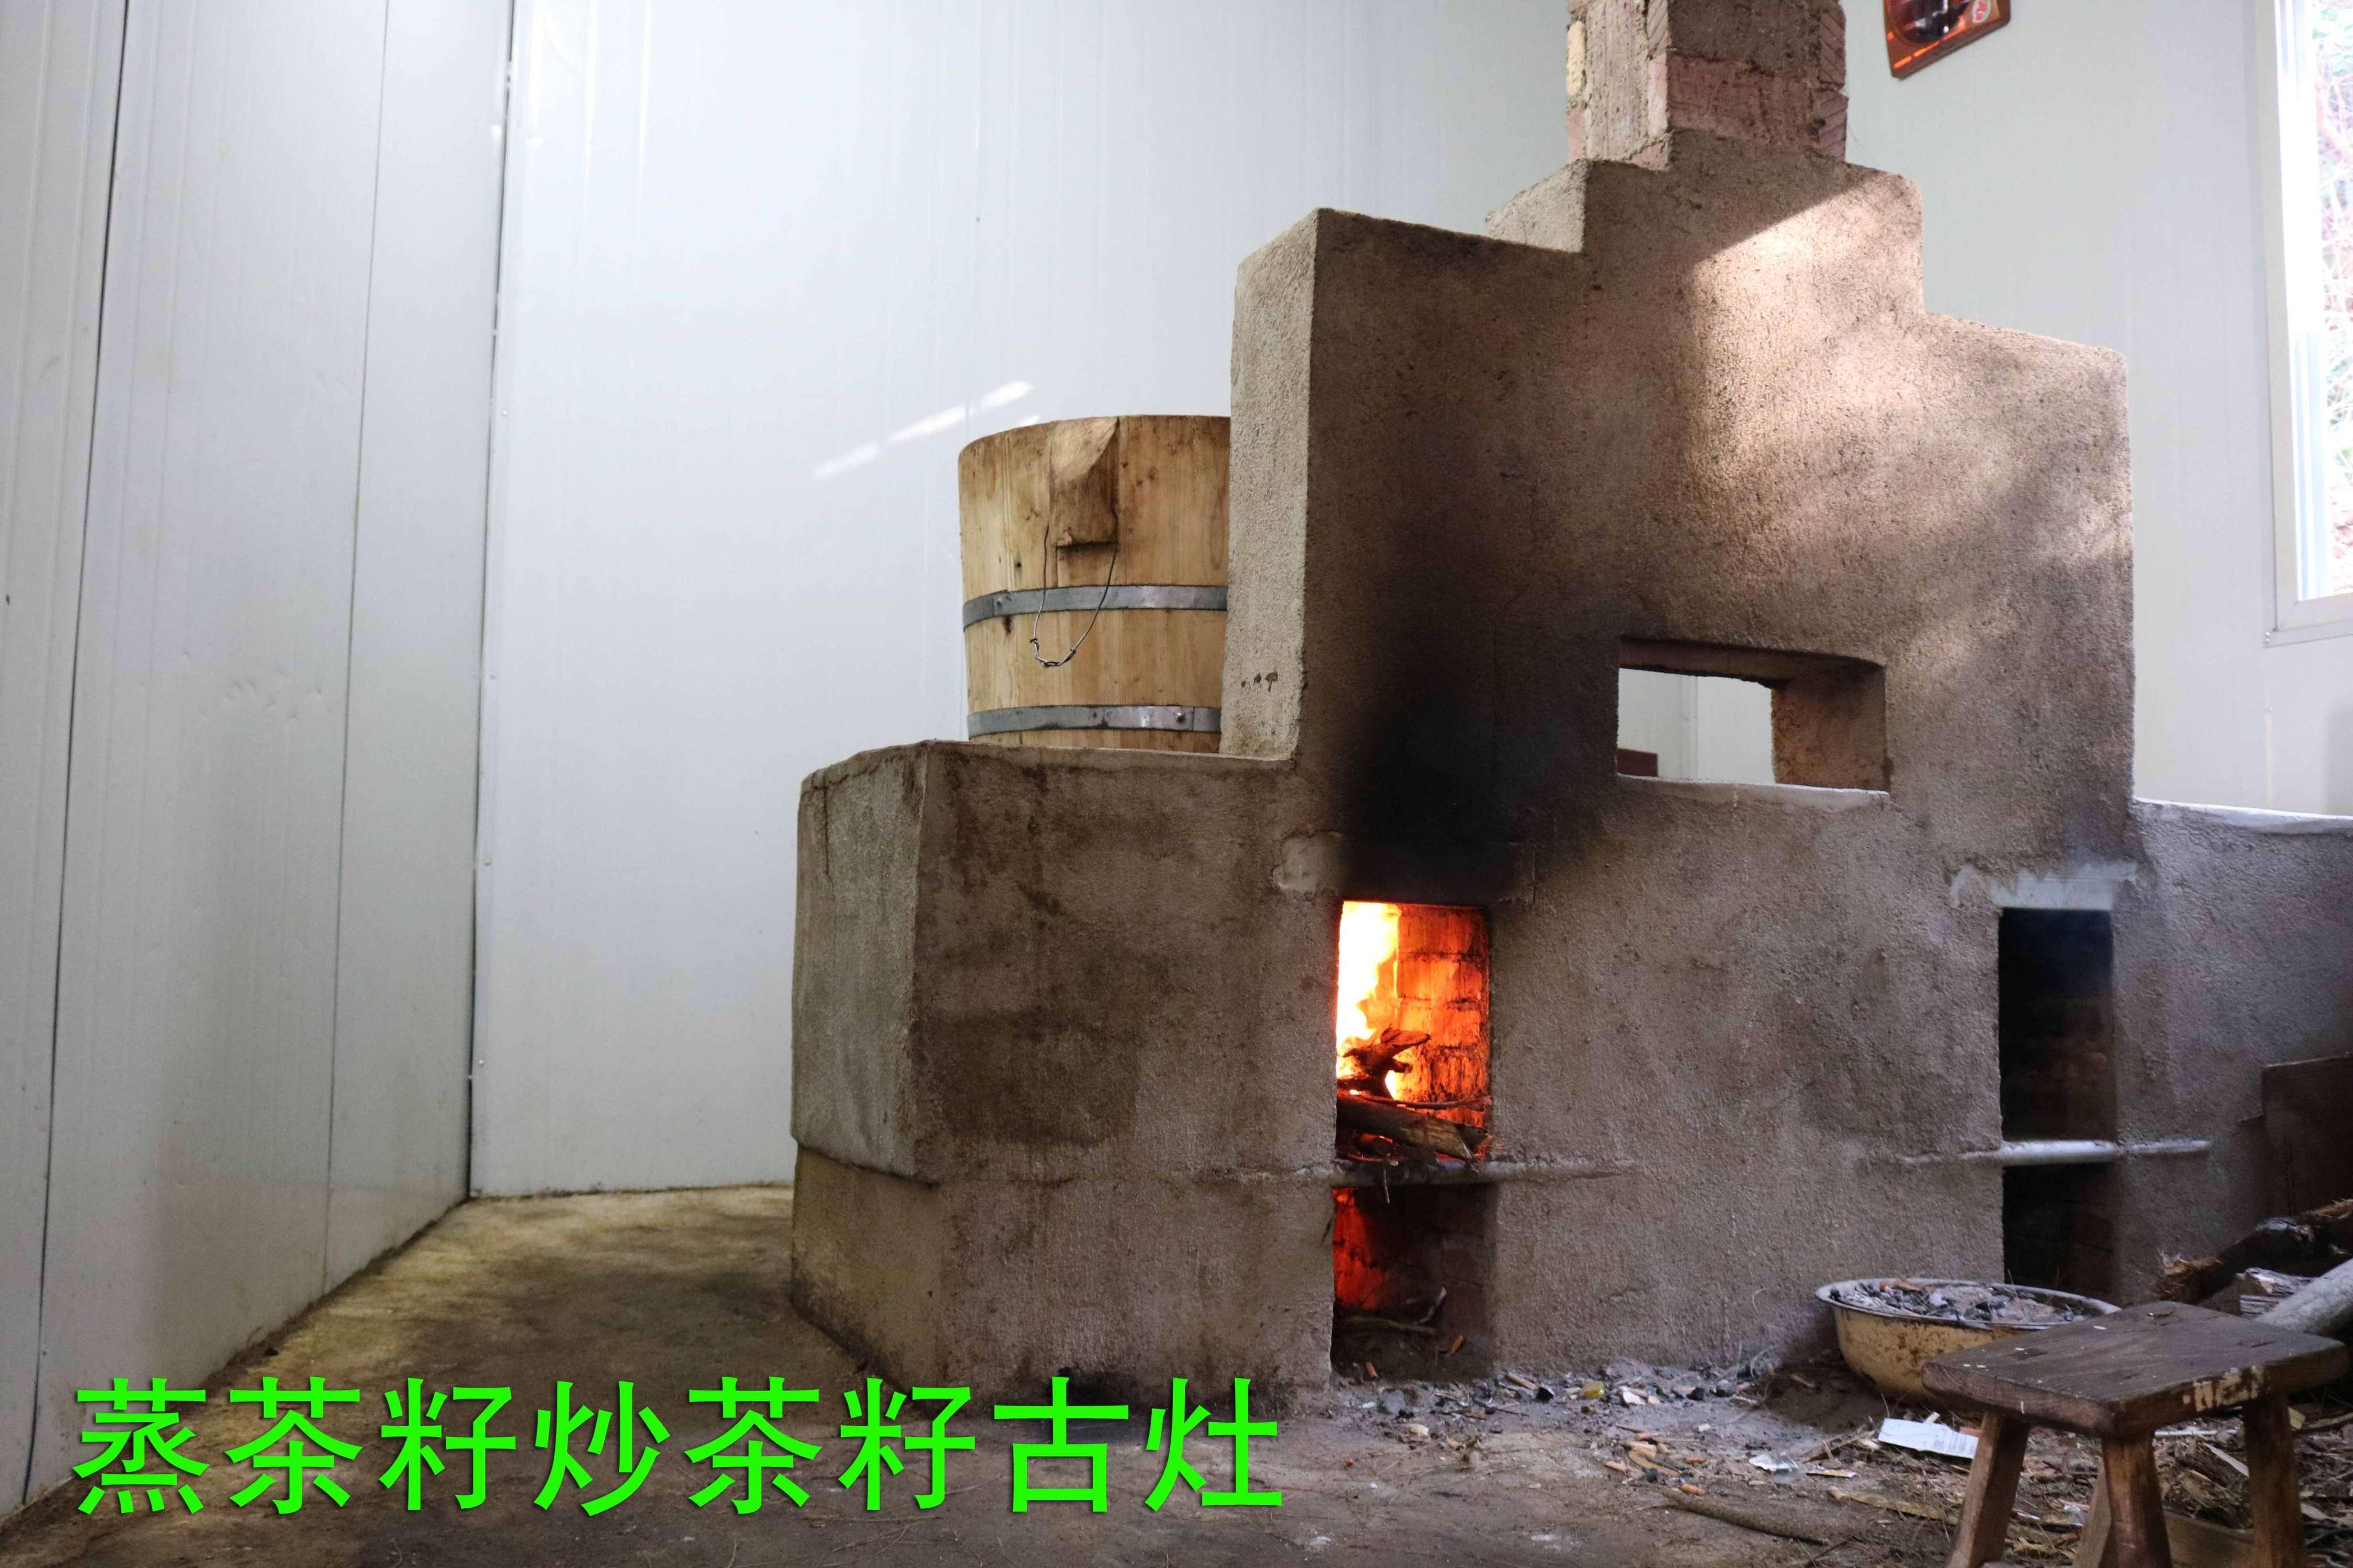 蒸茶籽炒茶籽的古灶.JPG